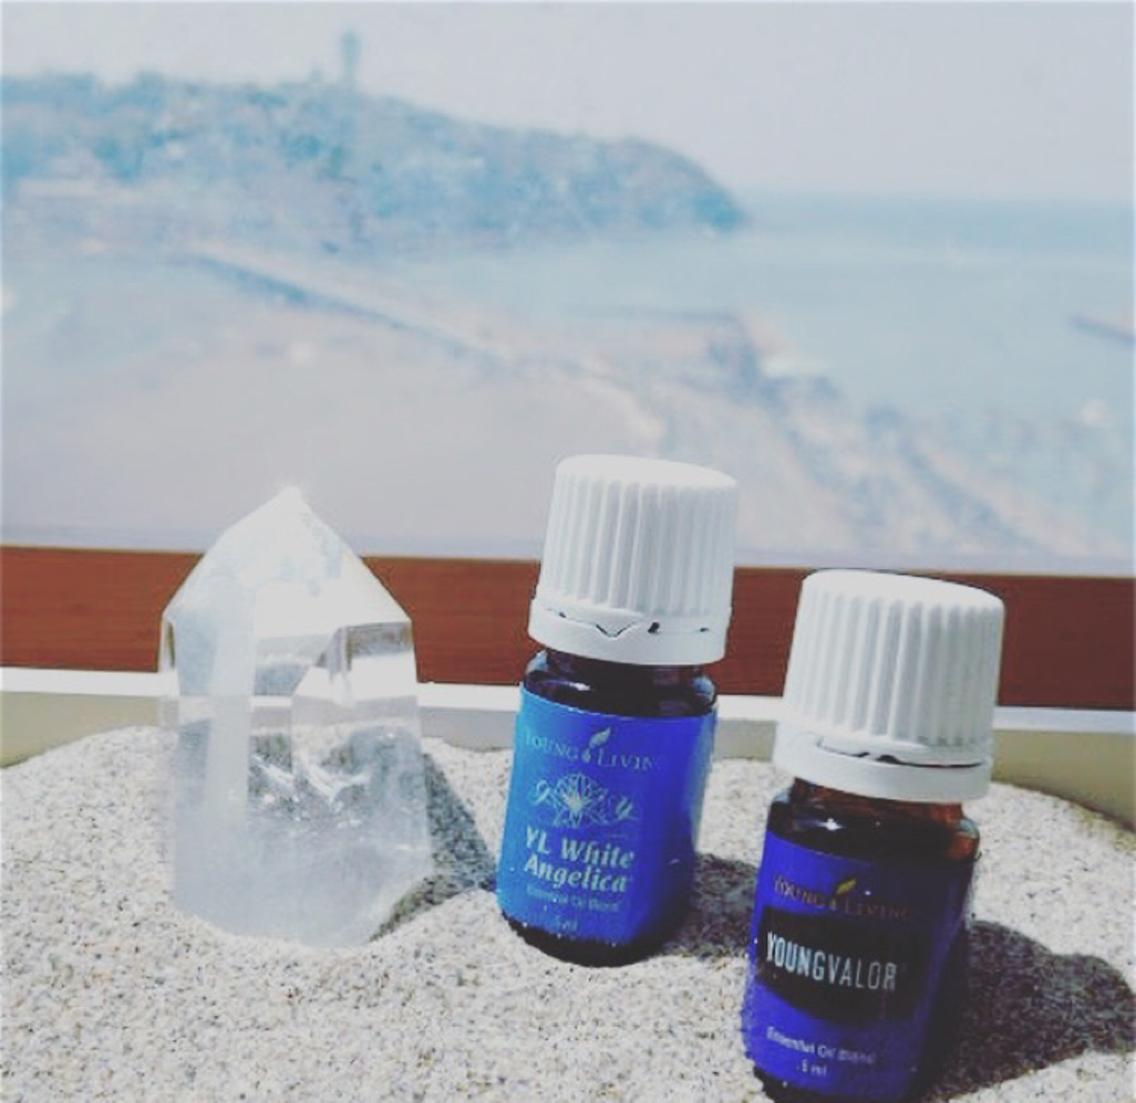 """湘南江の島  エサレンボディワーク&アロマヒーリングを提供 エッセンシャルオイルとボディワークでボディ・マインド・スピリットを癒す """"One's Healing Arts"""""""